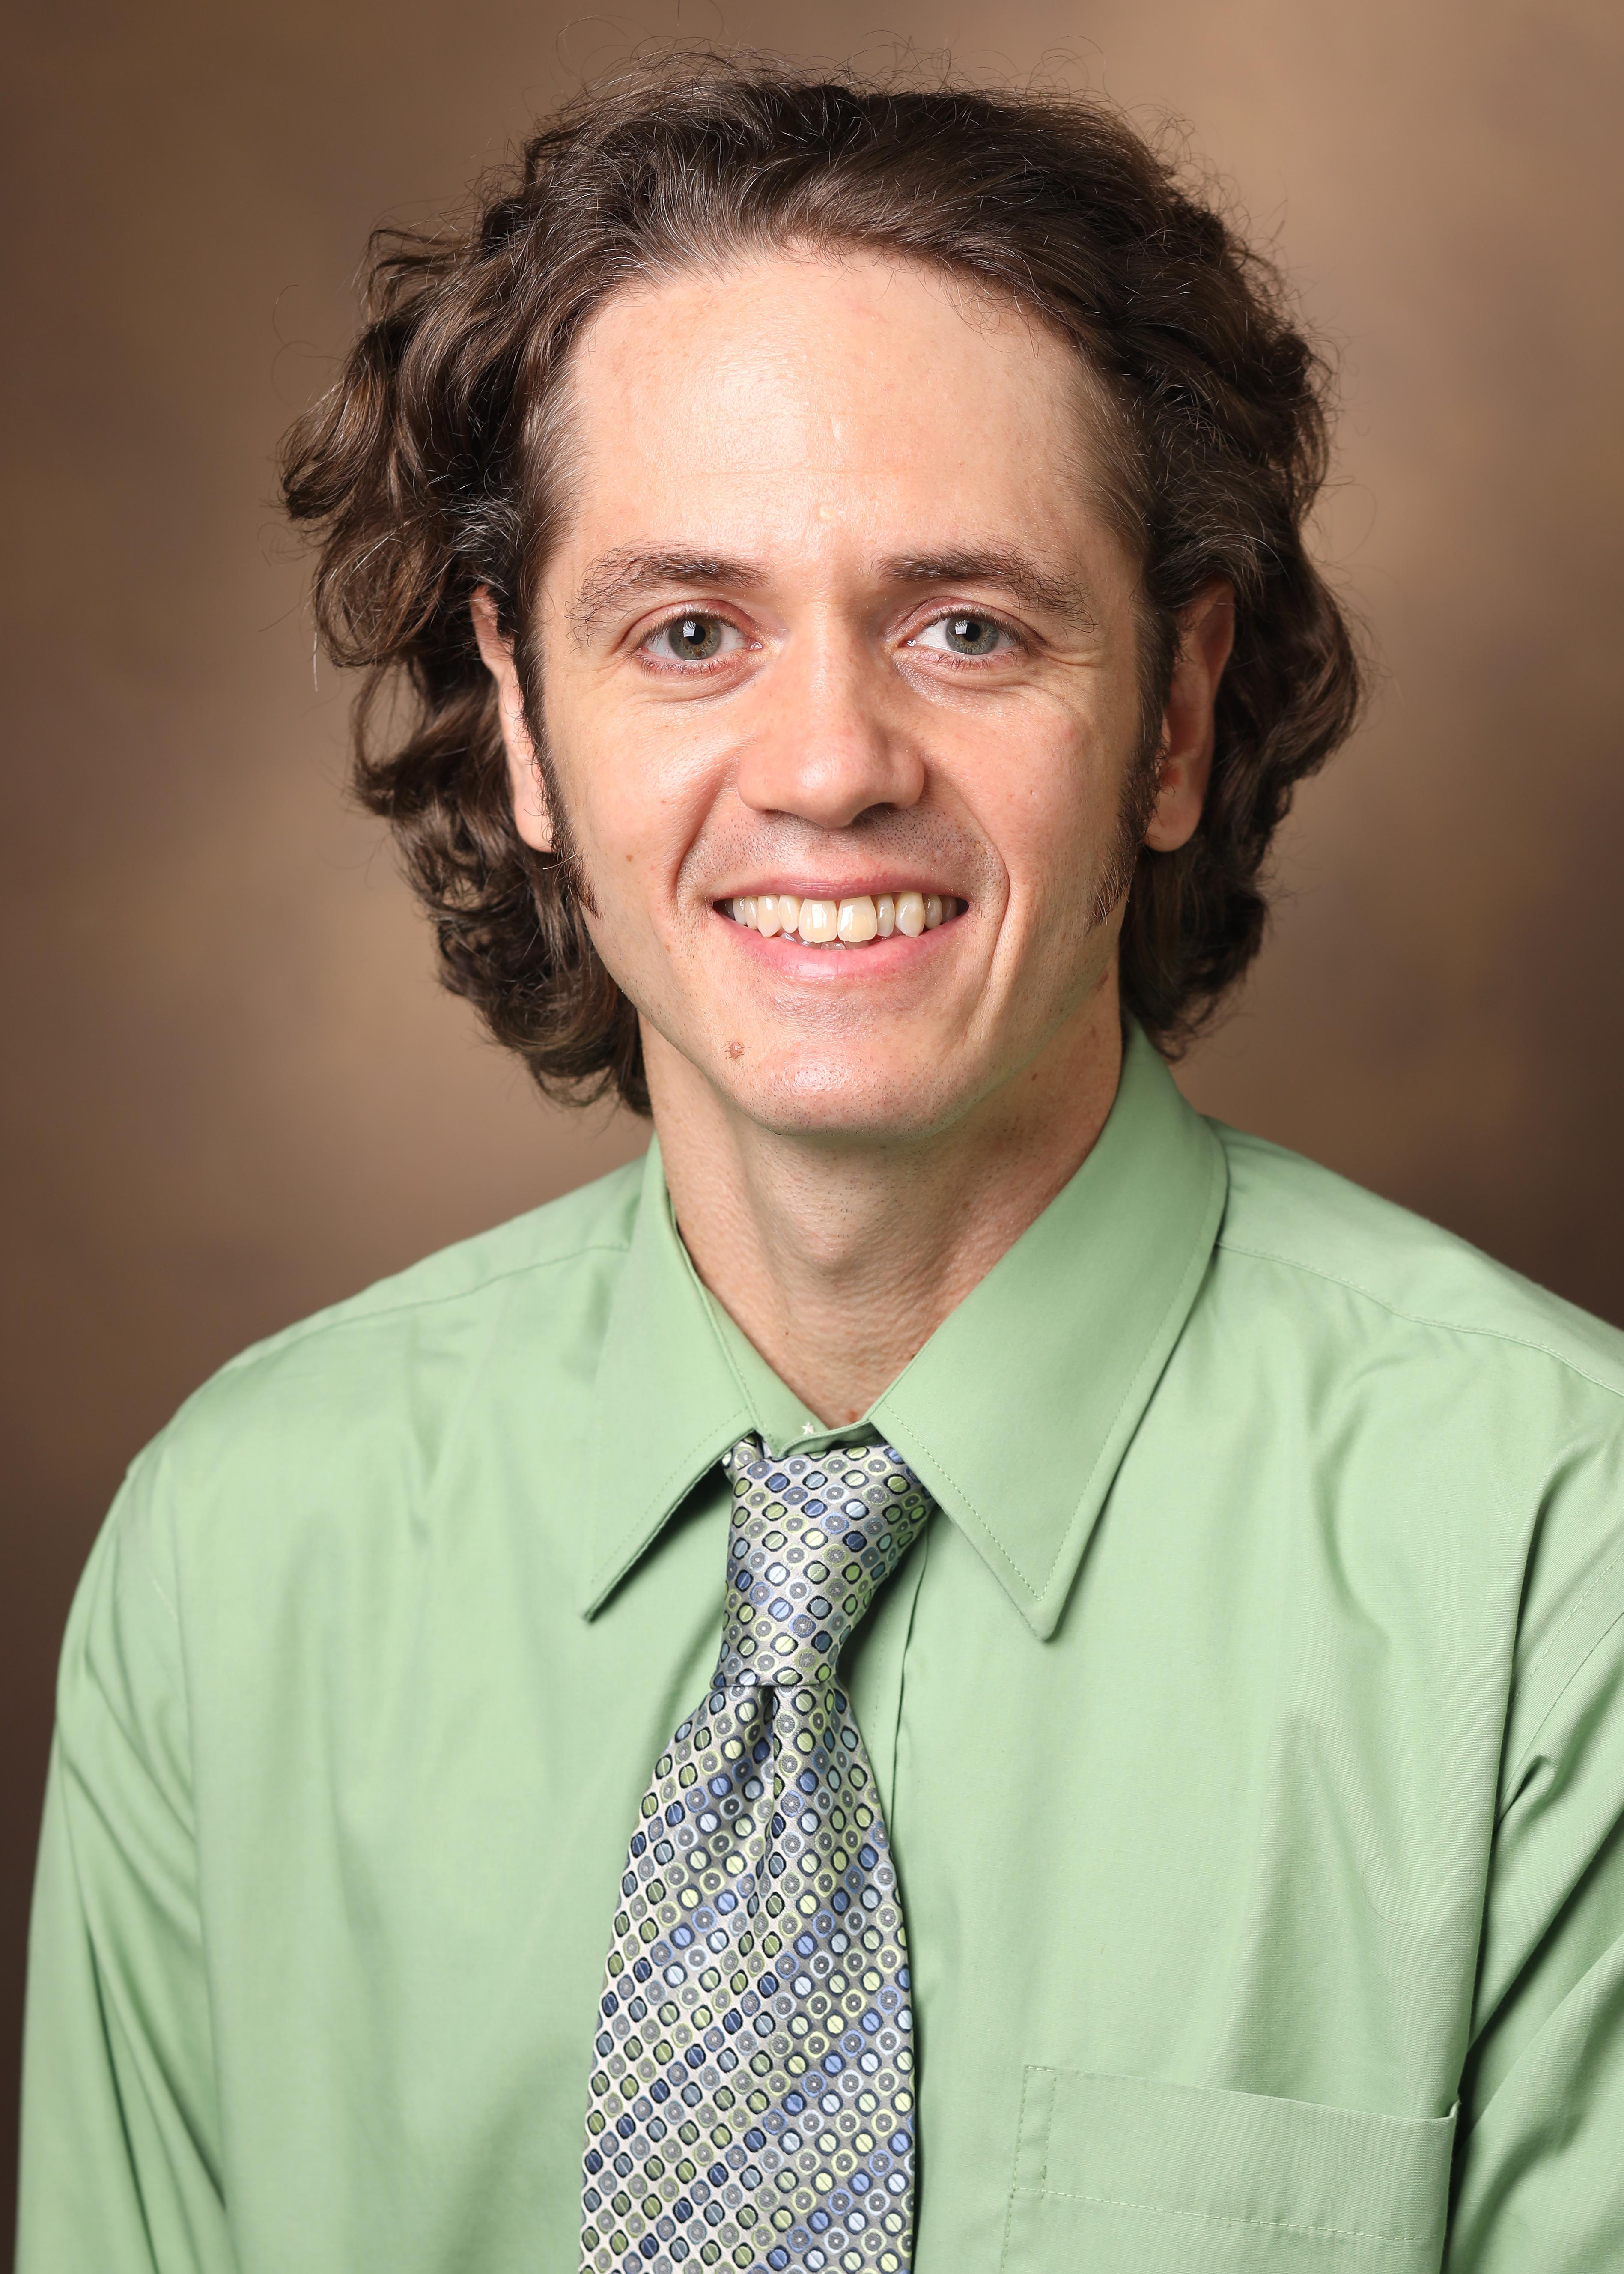 Jason R. Schwartz, MD, PhD